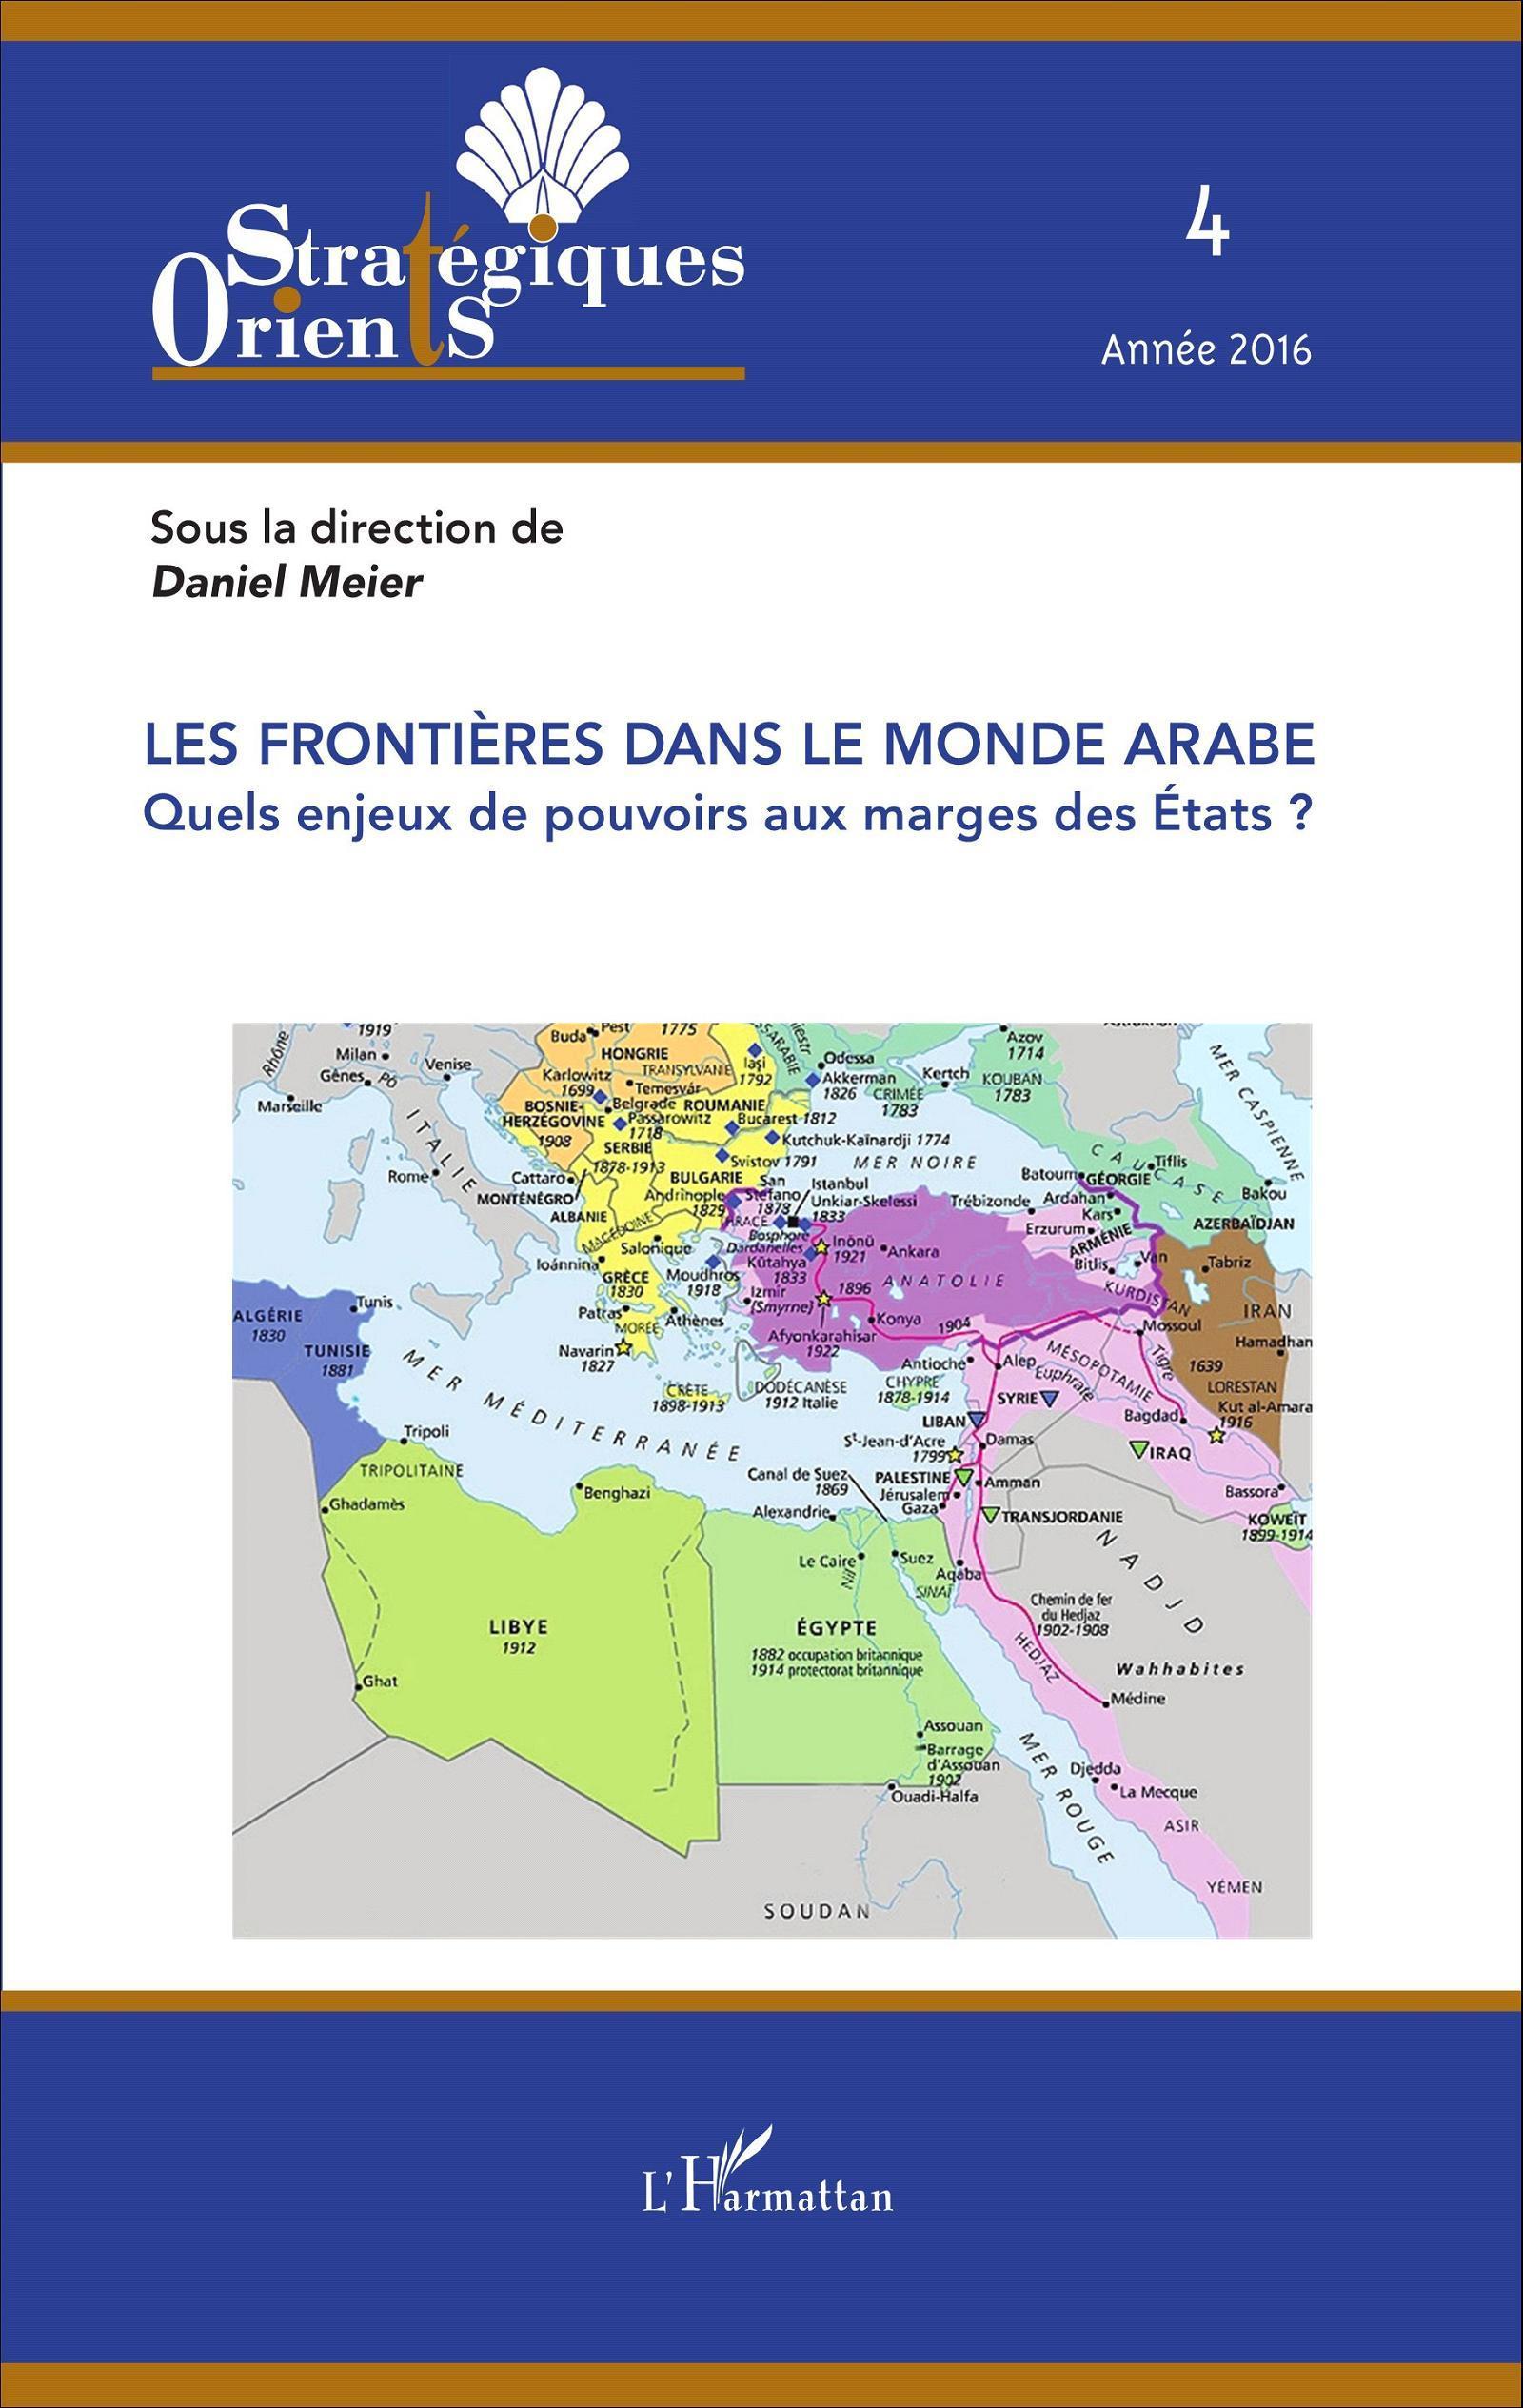 FRONTIERES DANS LE MONDE ARABE QUELS ENJEUX DE POUVOIRS AUX MARGES DES ETATS